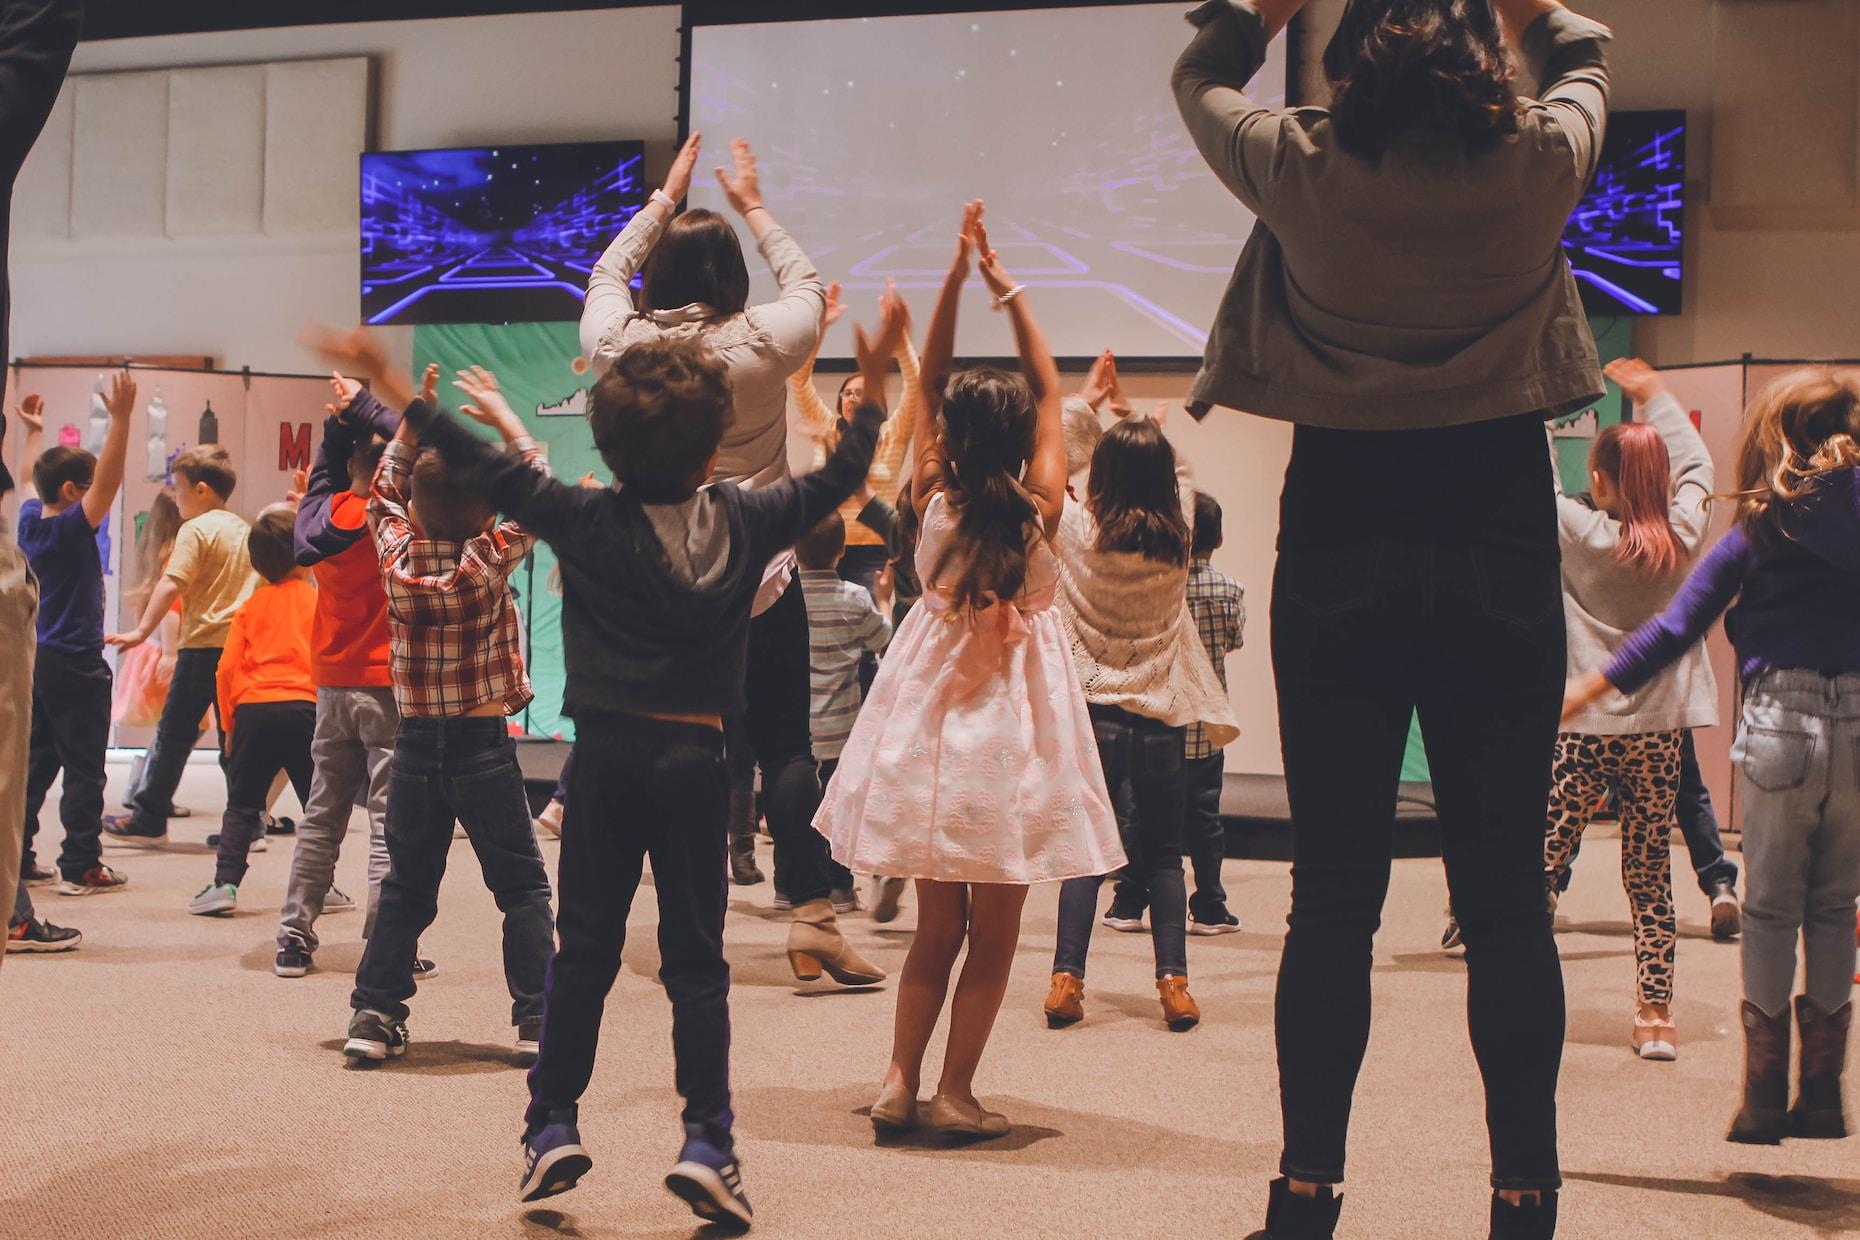 women and children dancing inside room